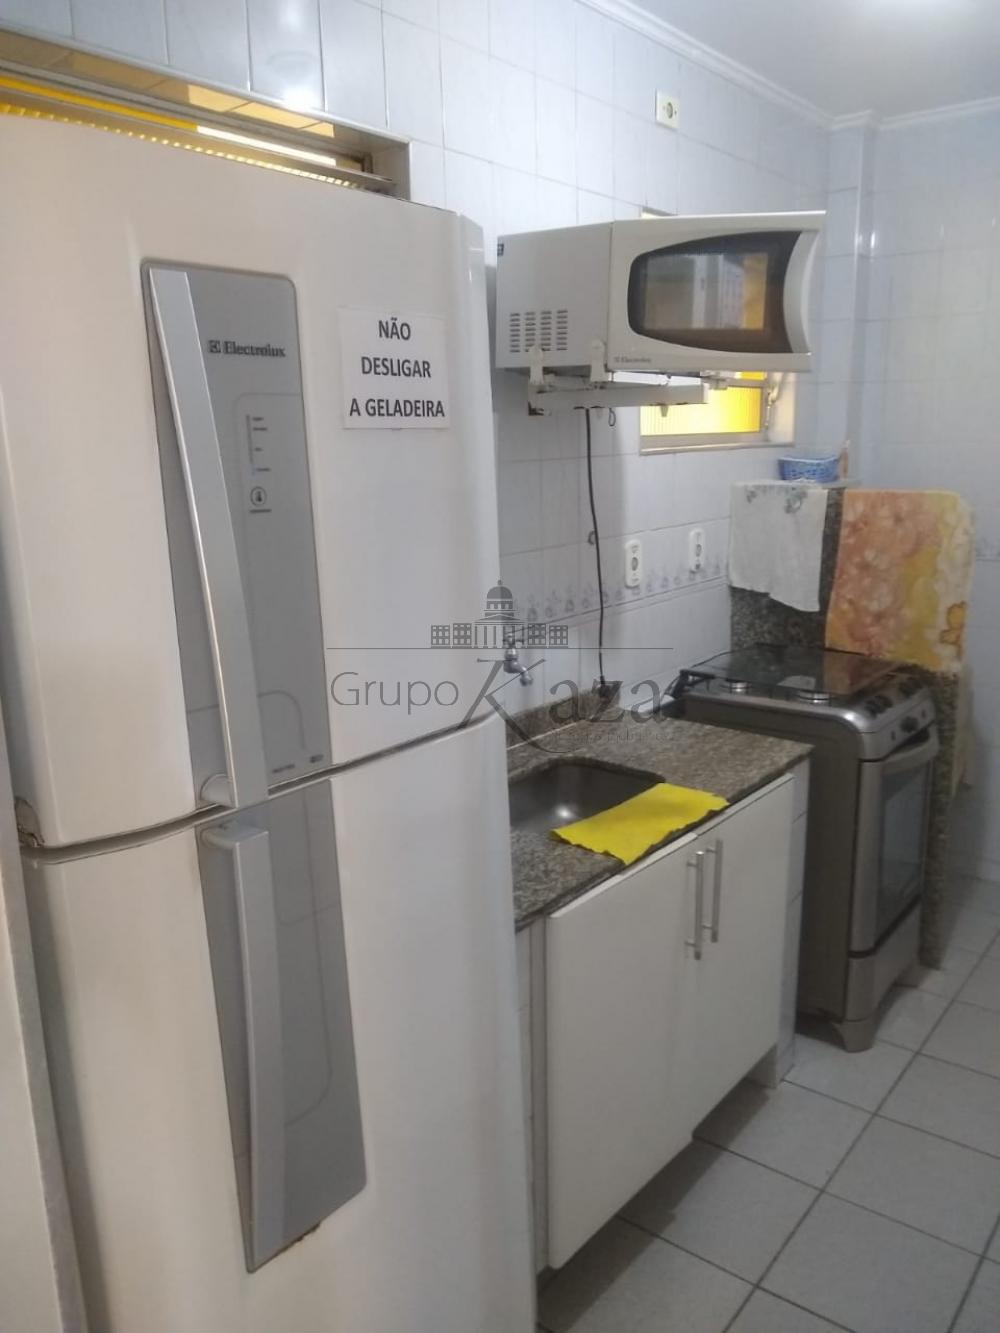 Comprar Apartamento / Padrão em Caraguatatuba apenas R$ 220.000,00 - Foto 2